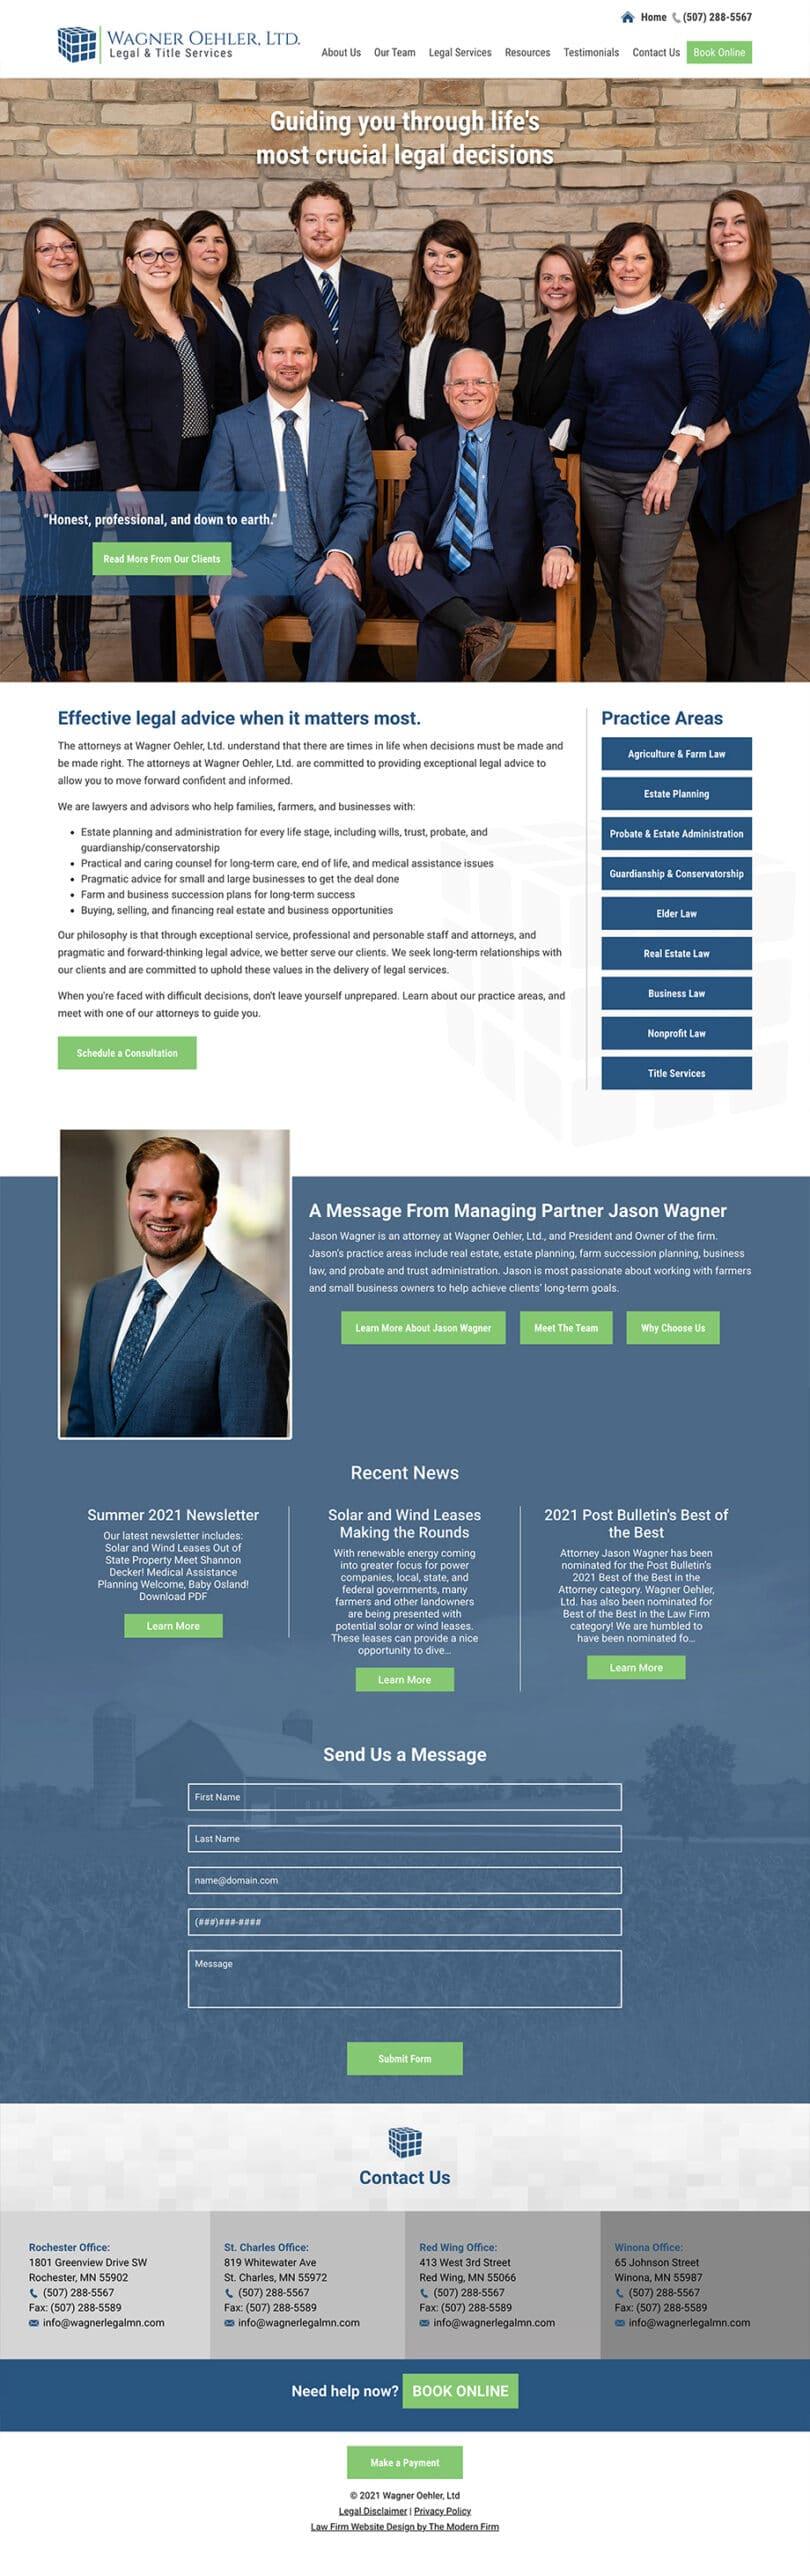 Law Firm Website Design for Wagner Oehler, Ltd